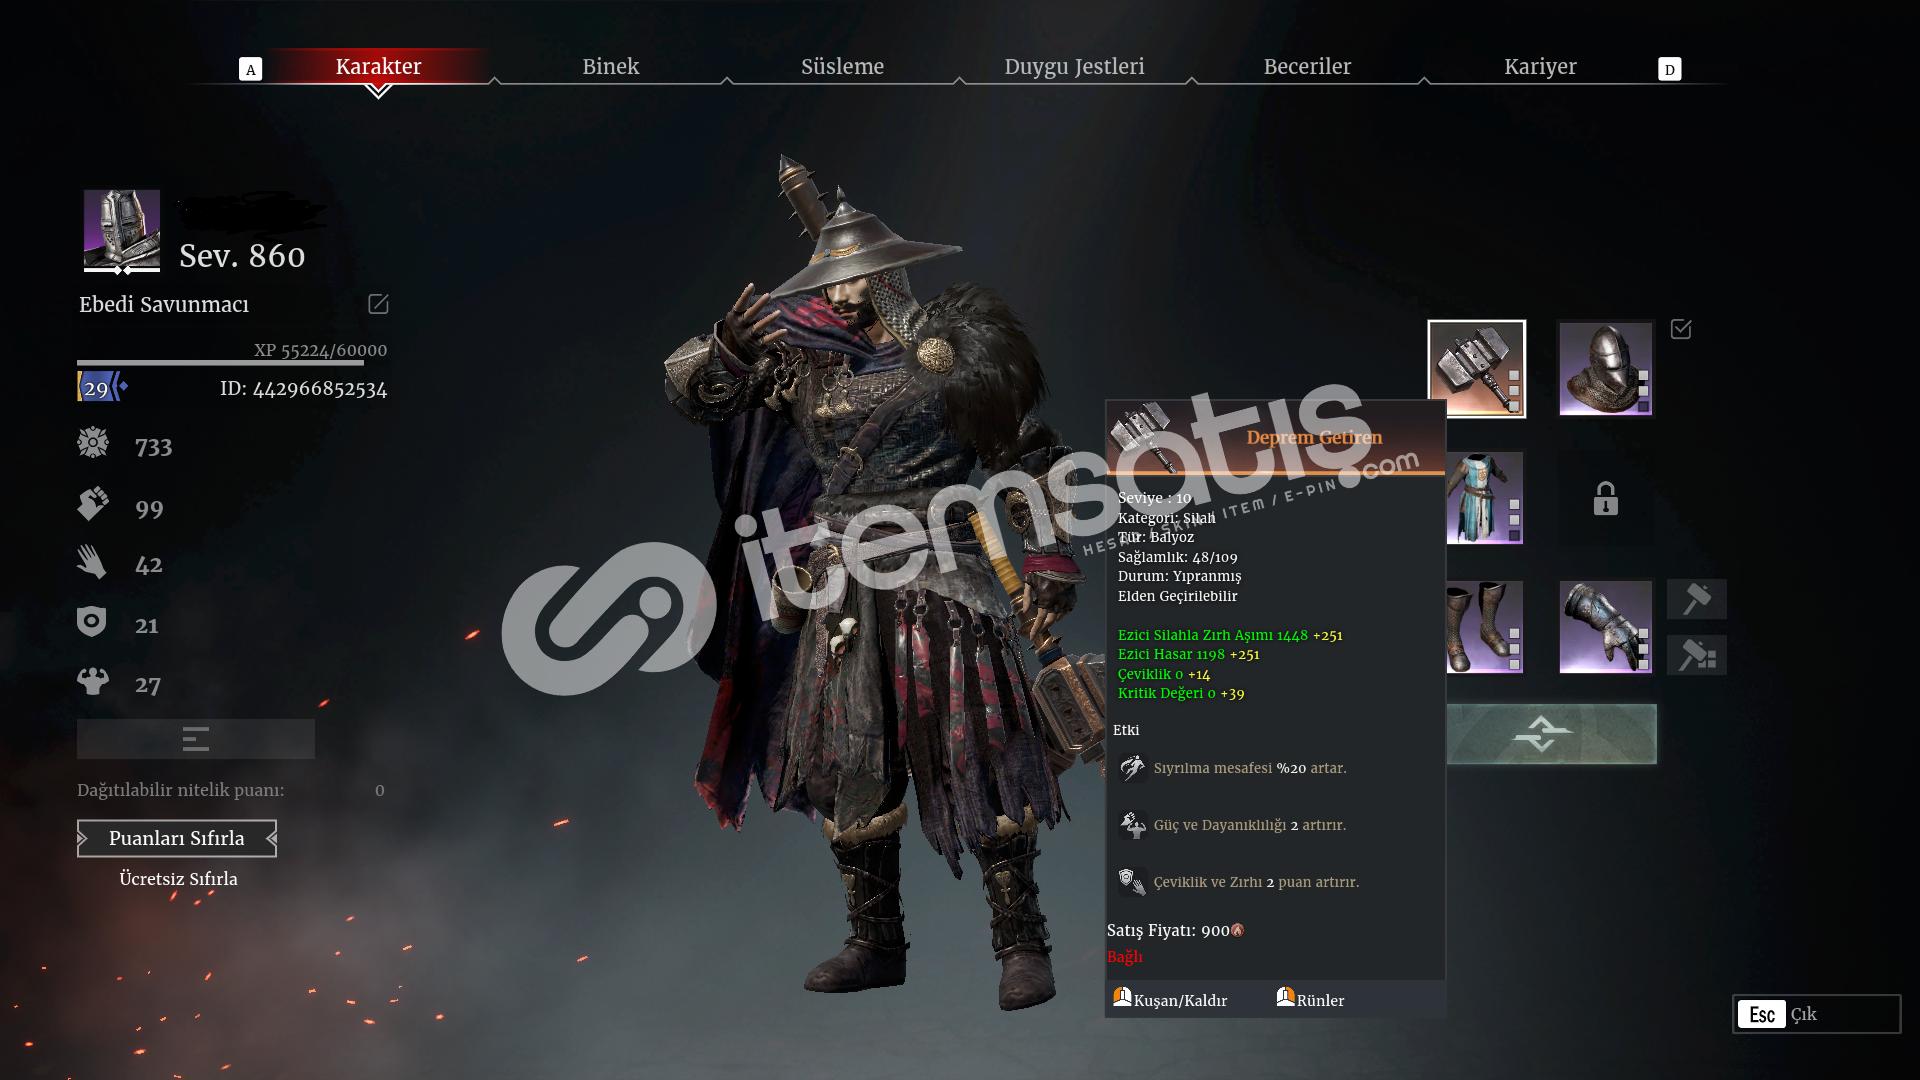 Conquerors Blade Eu2 860 Level Full hesap